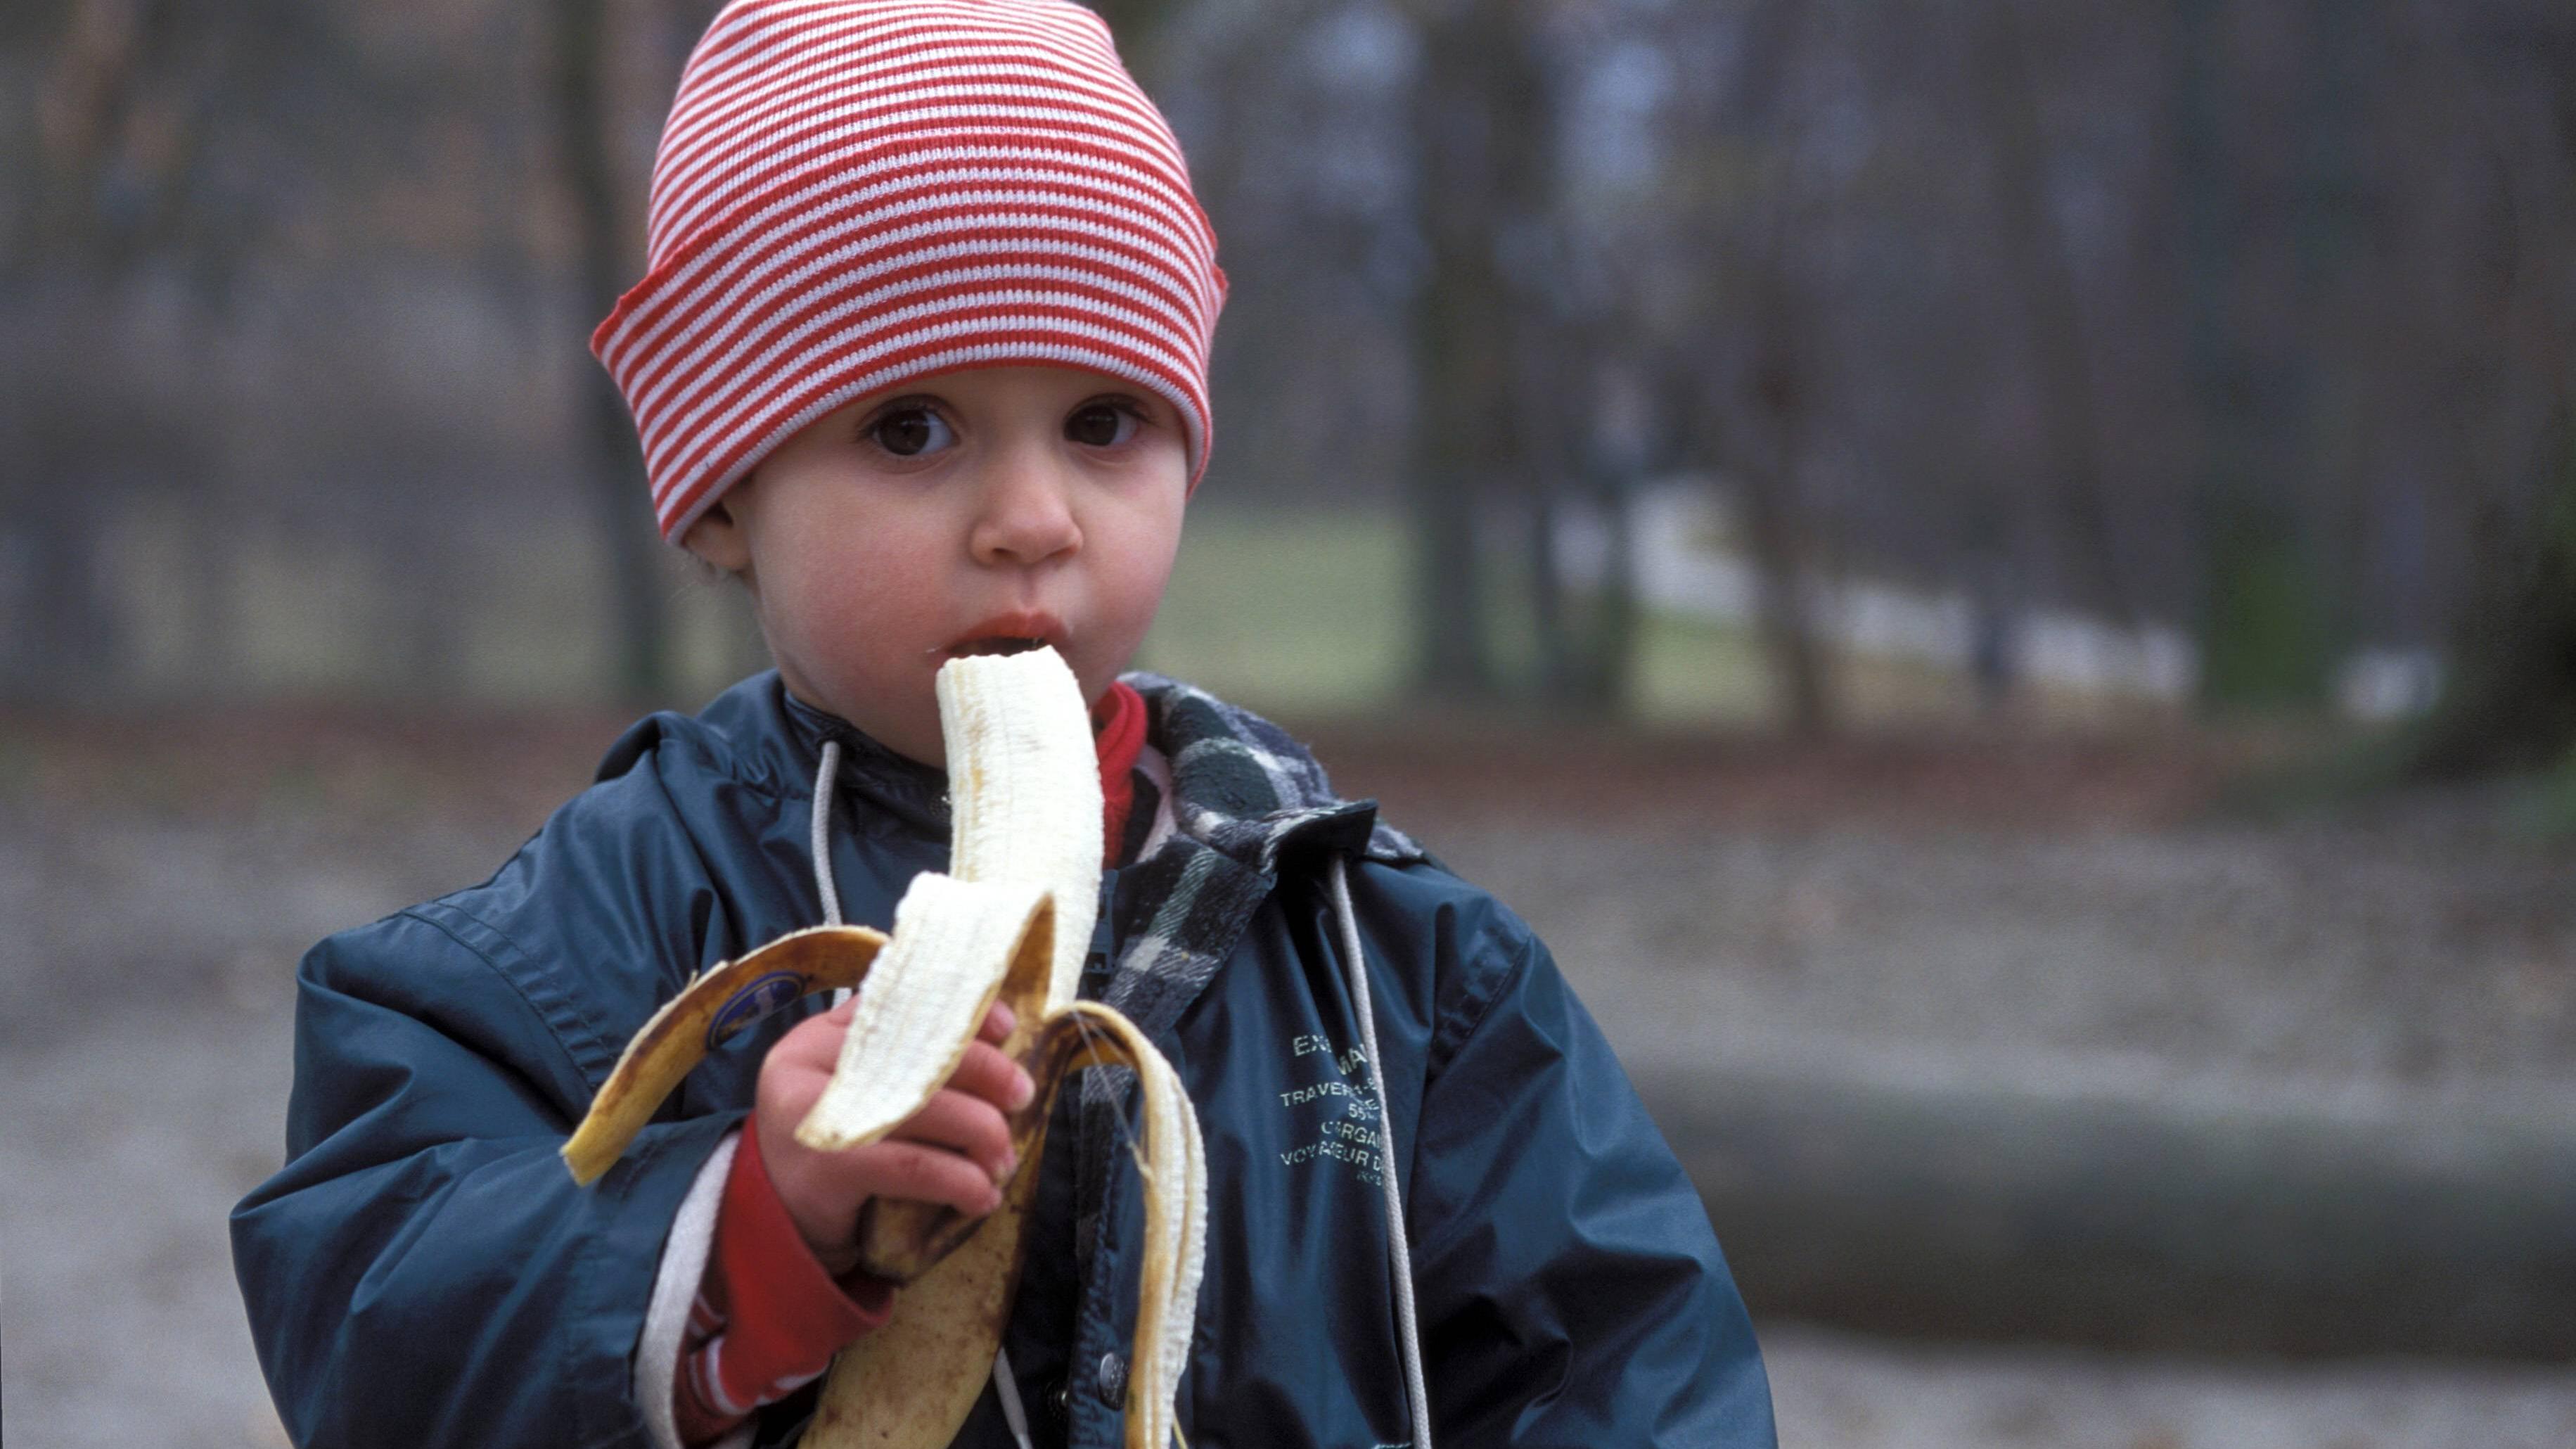 Kleinkind vegan ernähren: Das müssen Sie beachten